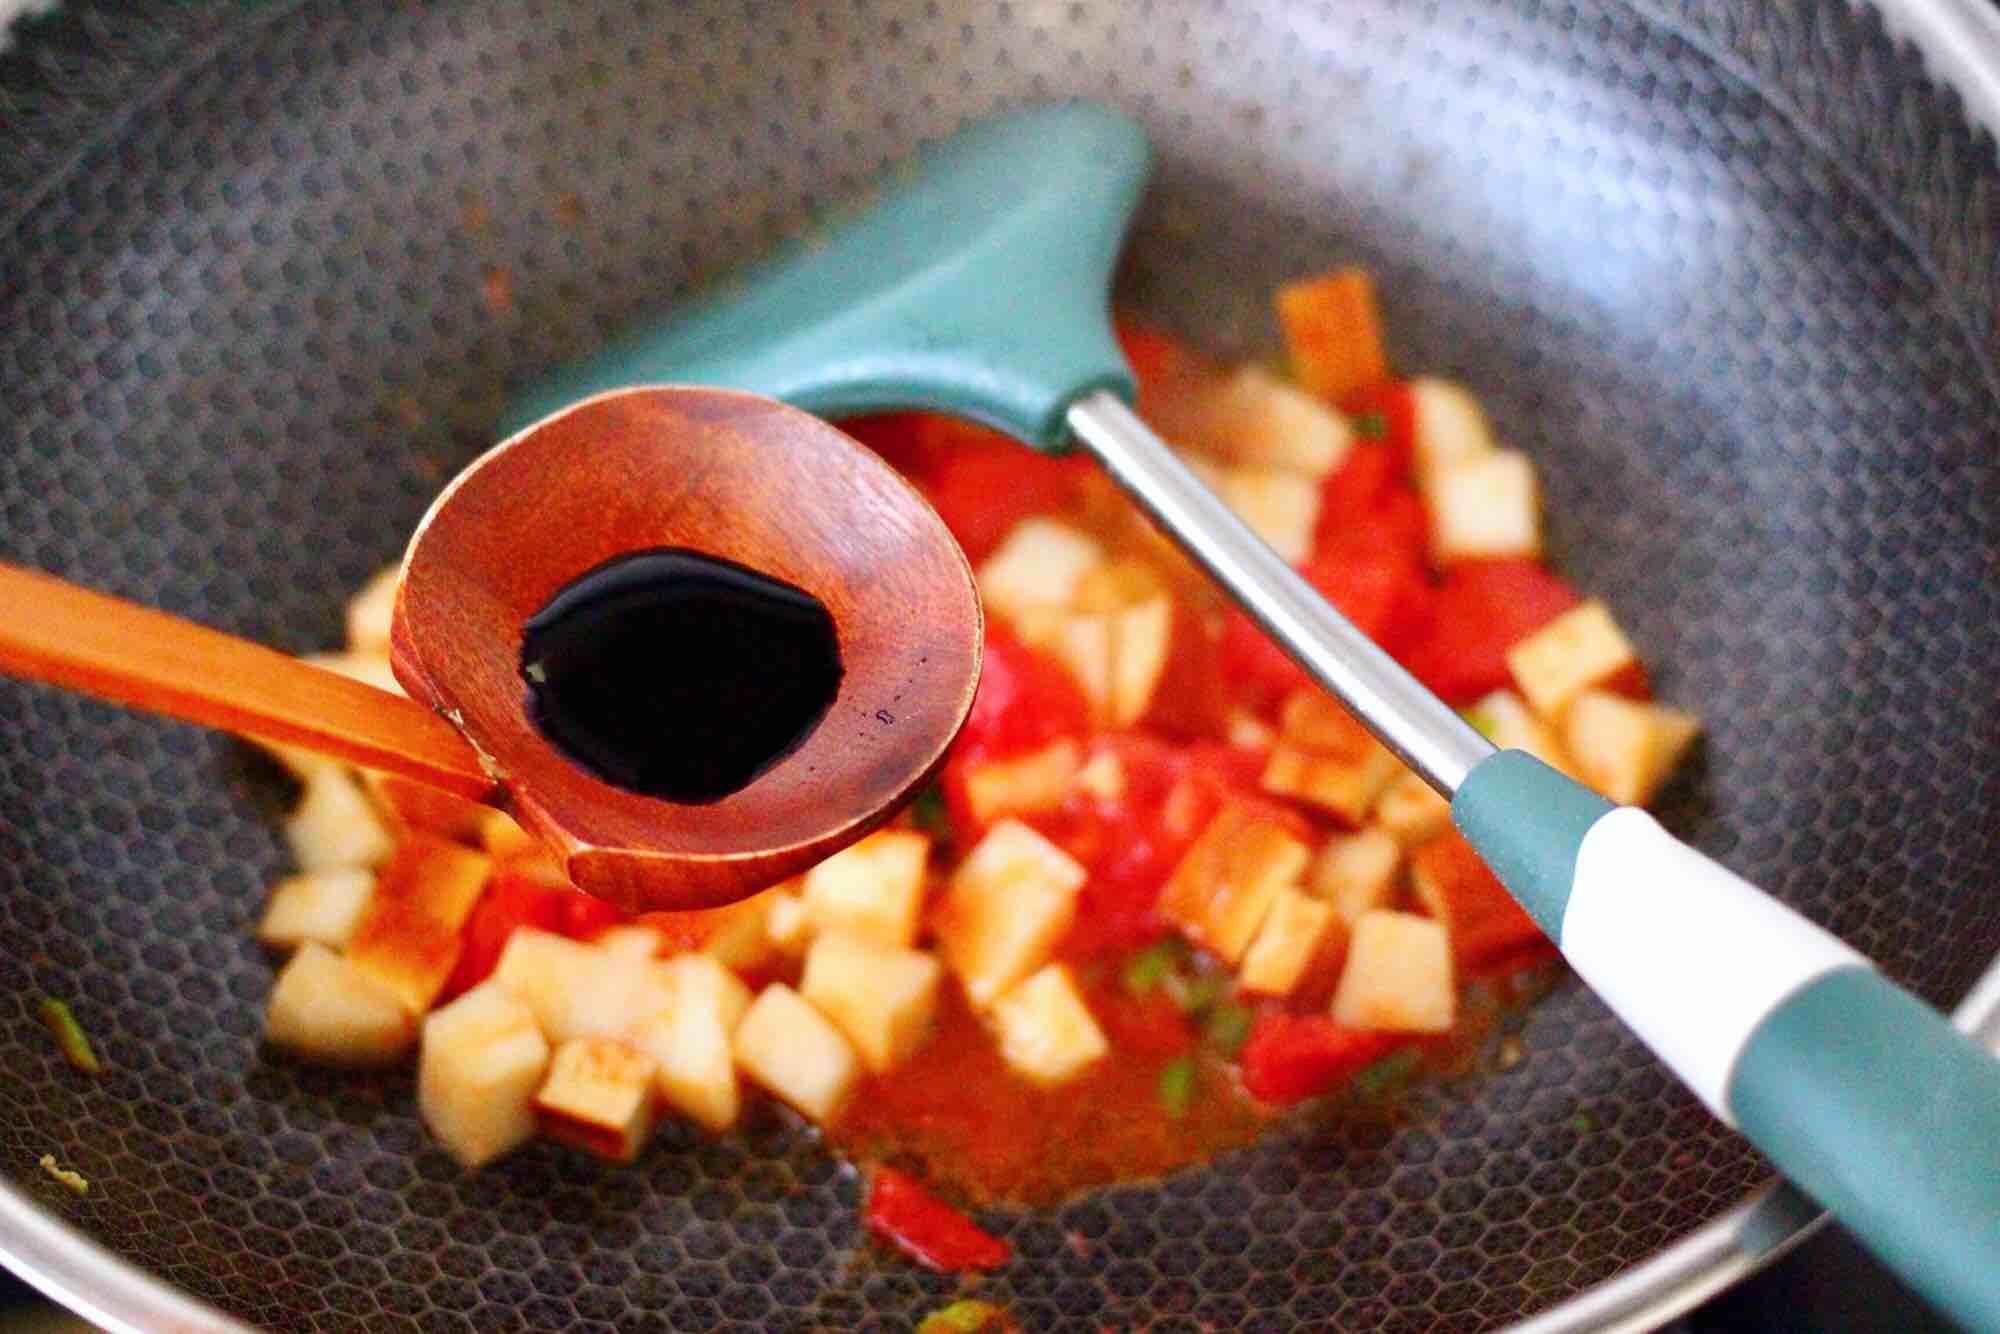 鹅蛋番茄时蔬彩色贝壳面怎么吃